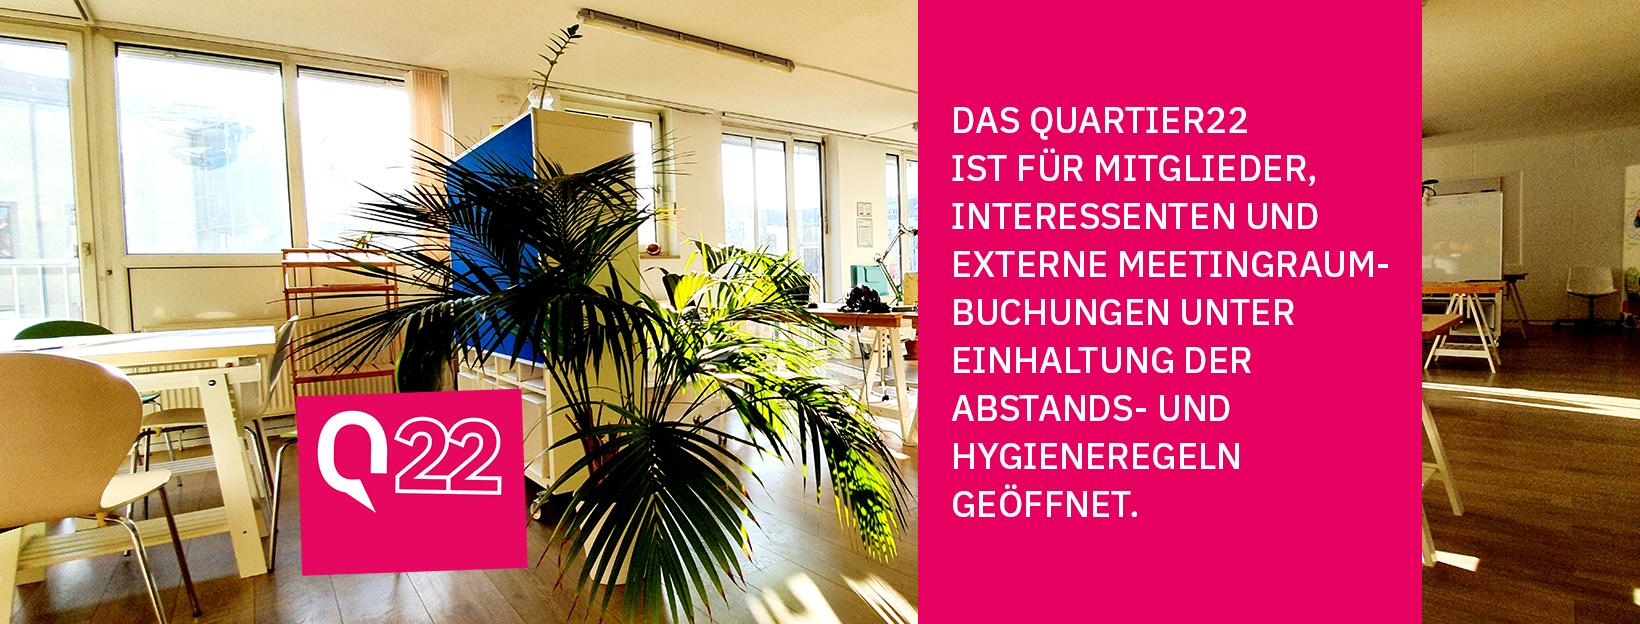 Das Quartier22 ist für Mitglieder, Interessenten und externe Meetingraumbuchungen unter Einhaltung der Abstands- und Hygieneregeln geöffnet.